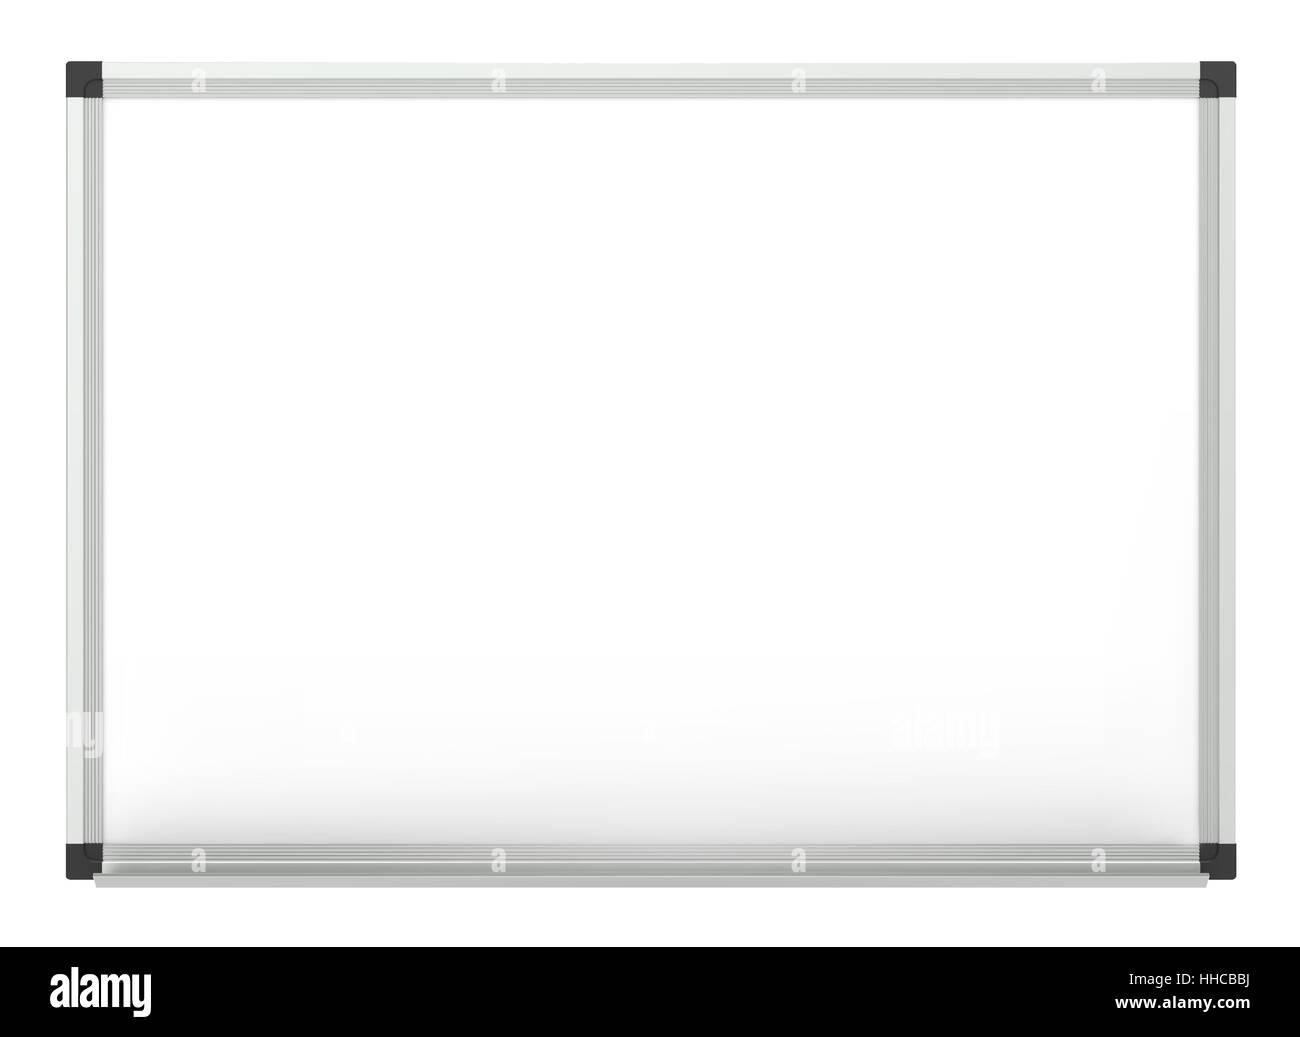 Classic lavagna vuota per copiare lo spazio. EPS vettoriali10. Immagini Stock